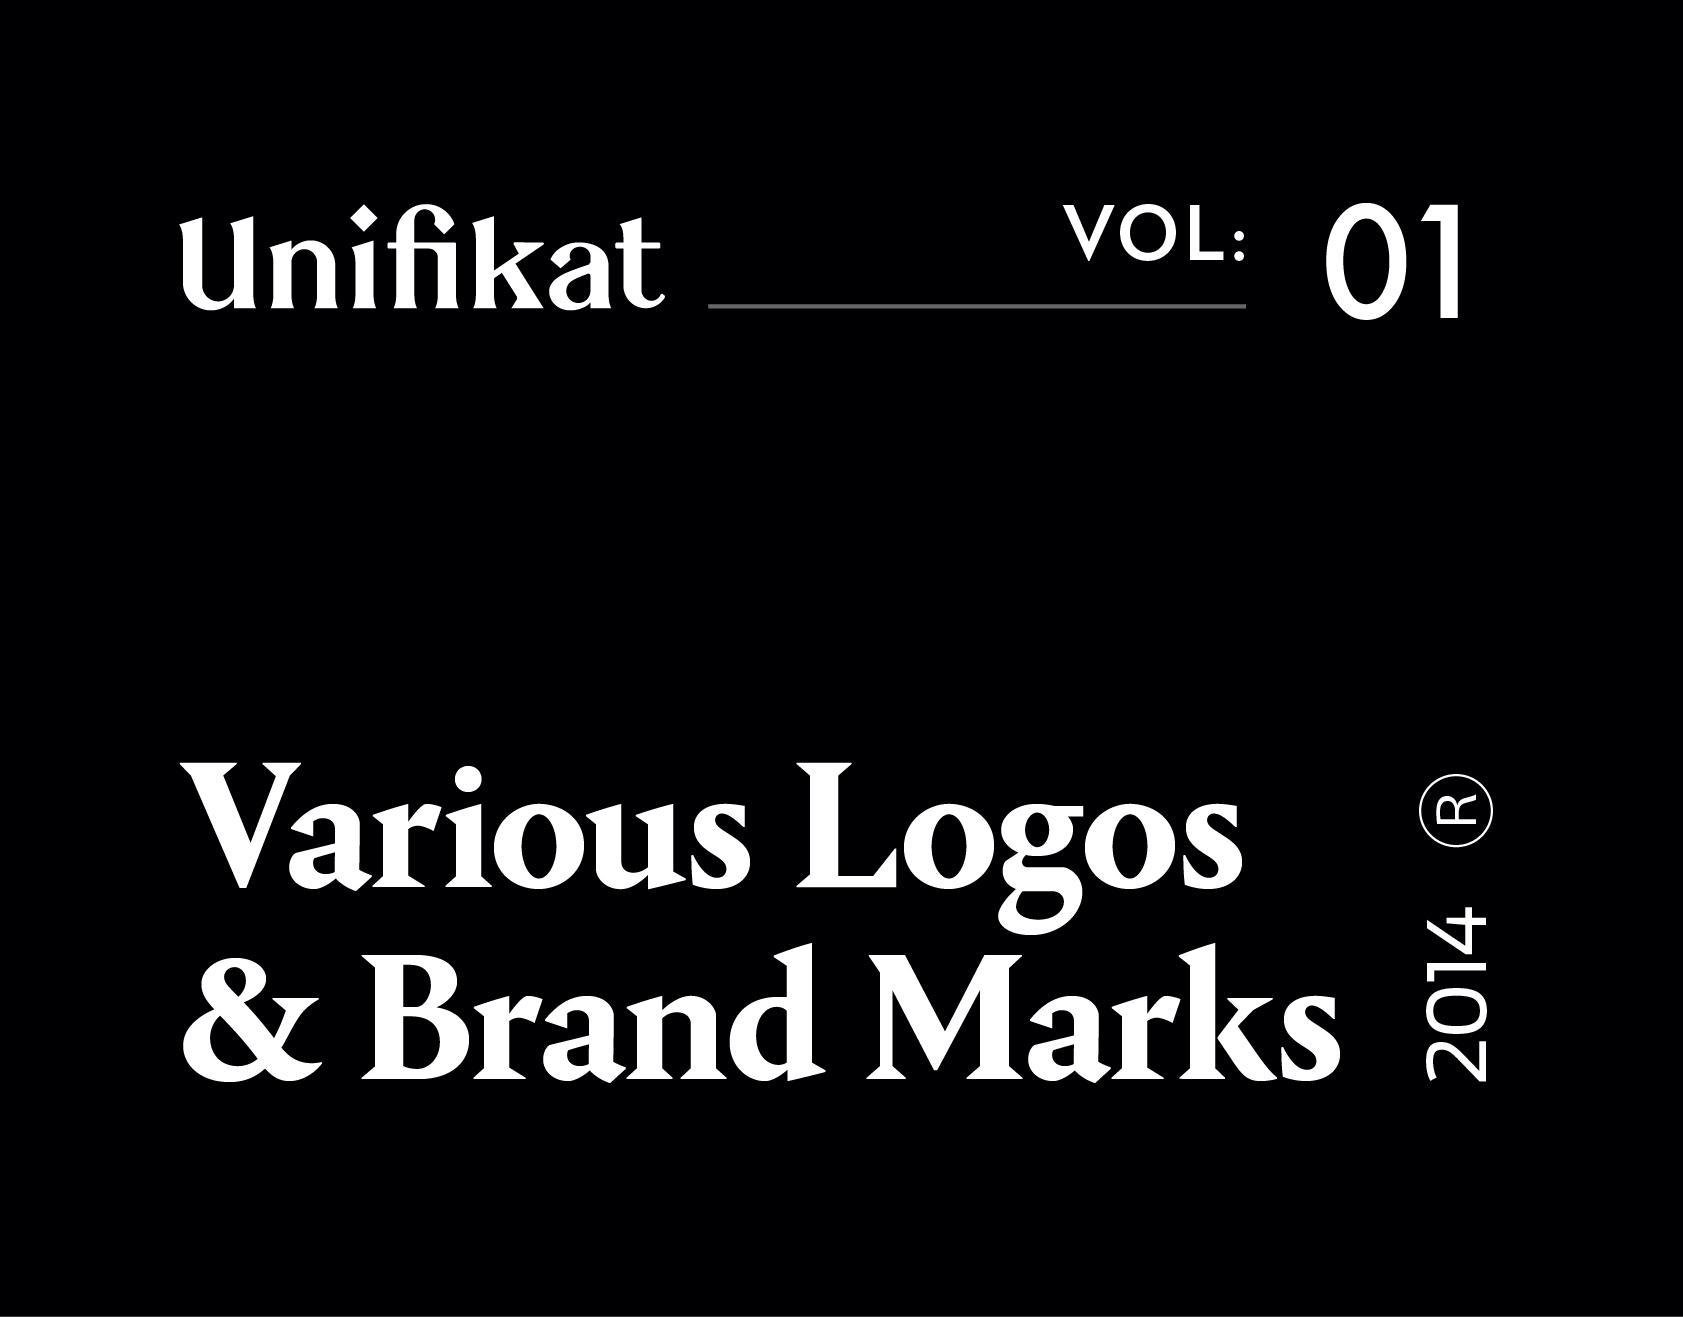 LogoPack / 01